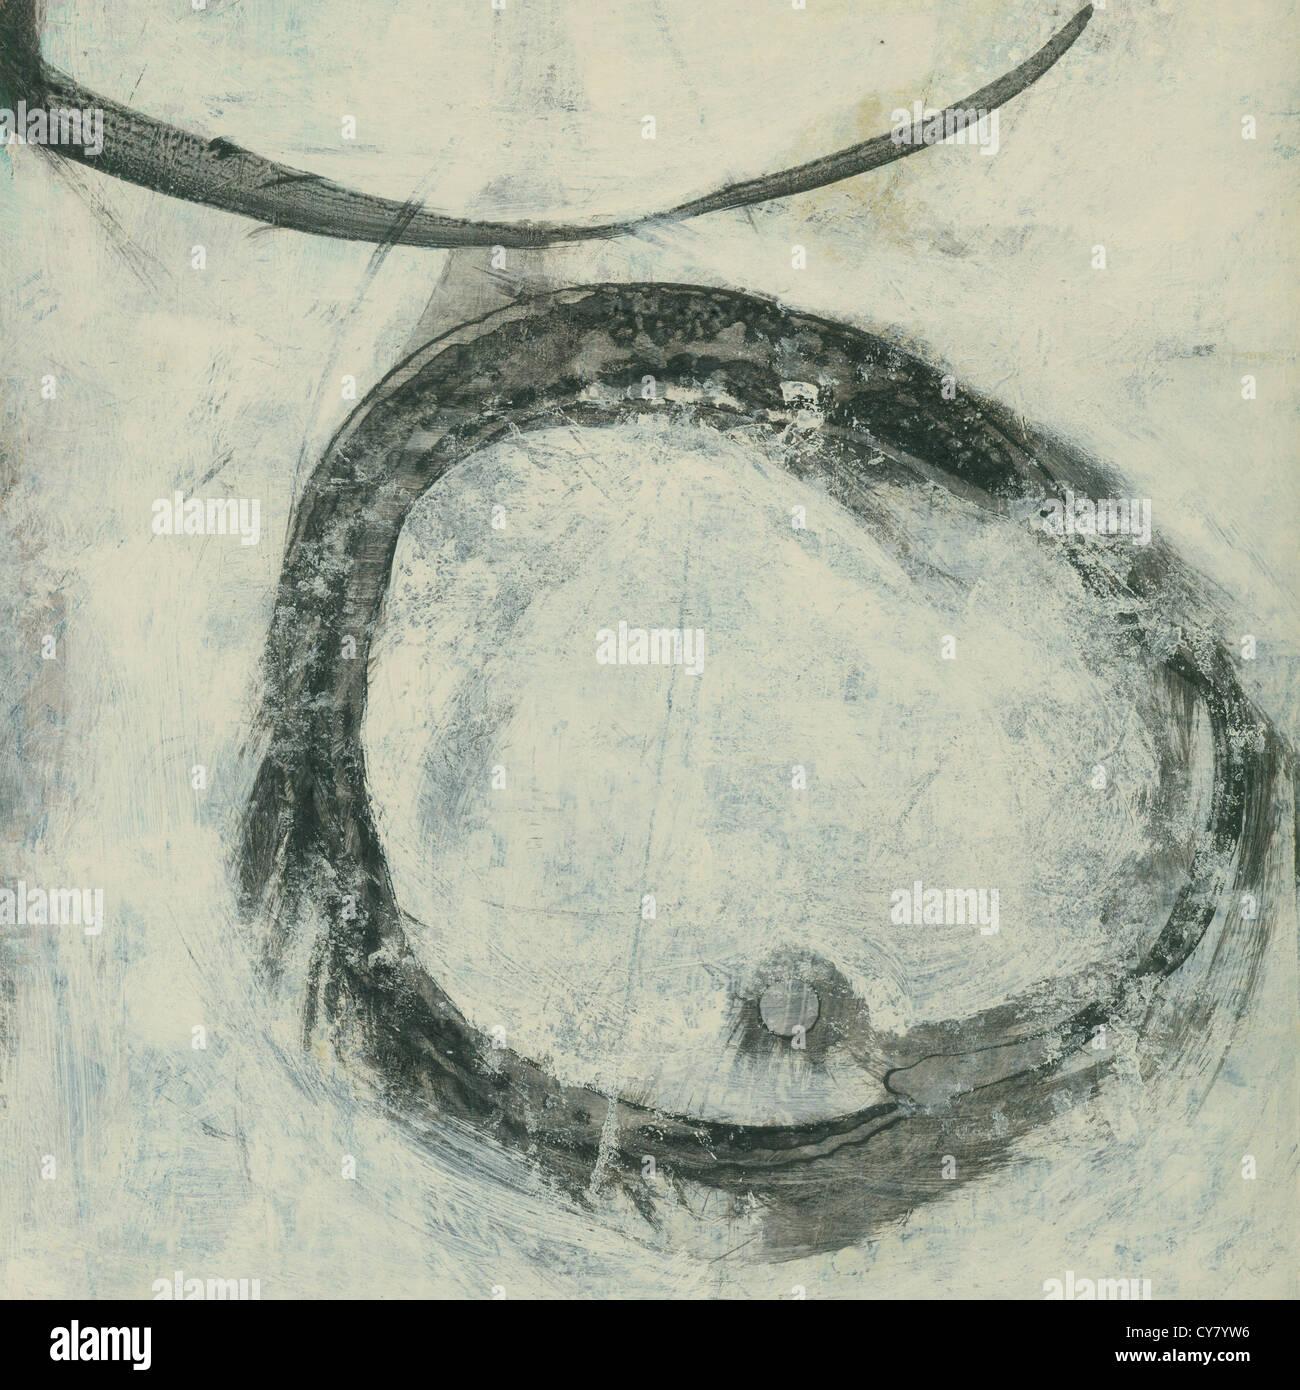 La peinture abstraite de l'encre noir sur rond cercle zen. Photo Stock